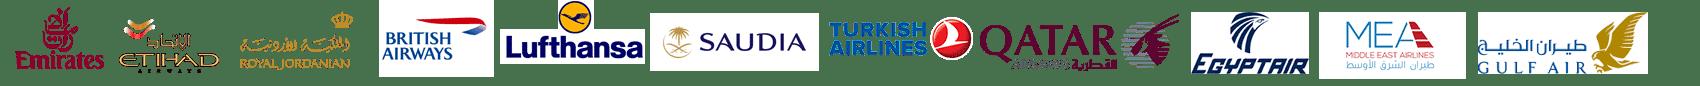 Flights logos